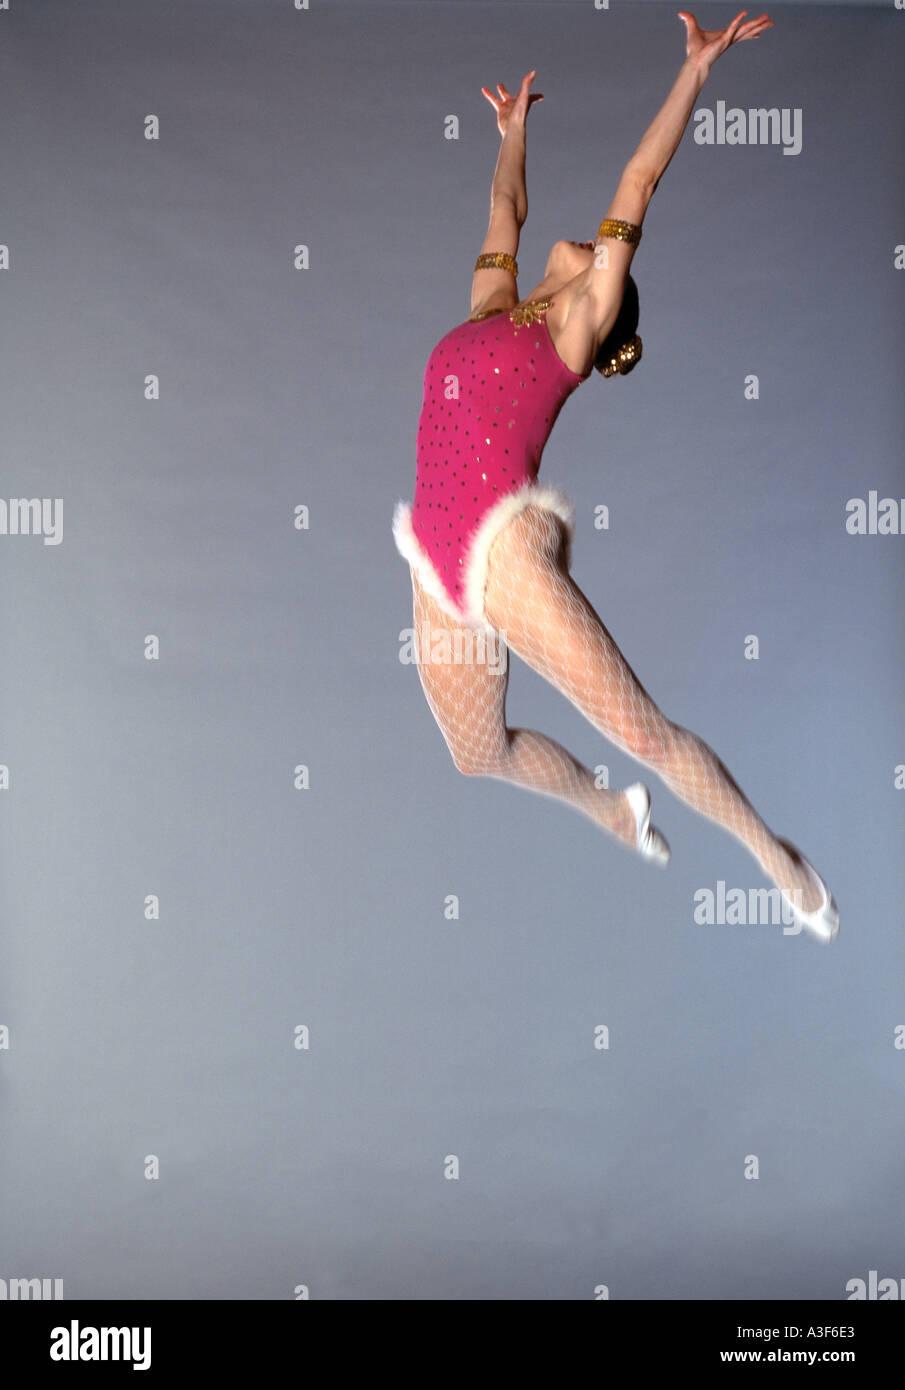 Trapezkünstler, fliegen durch die Luft grauen Hintergrund Stockfoto